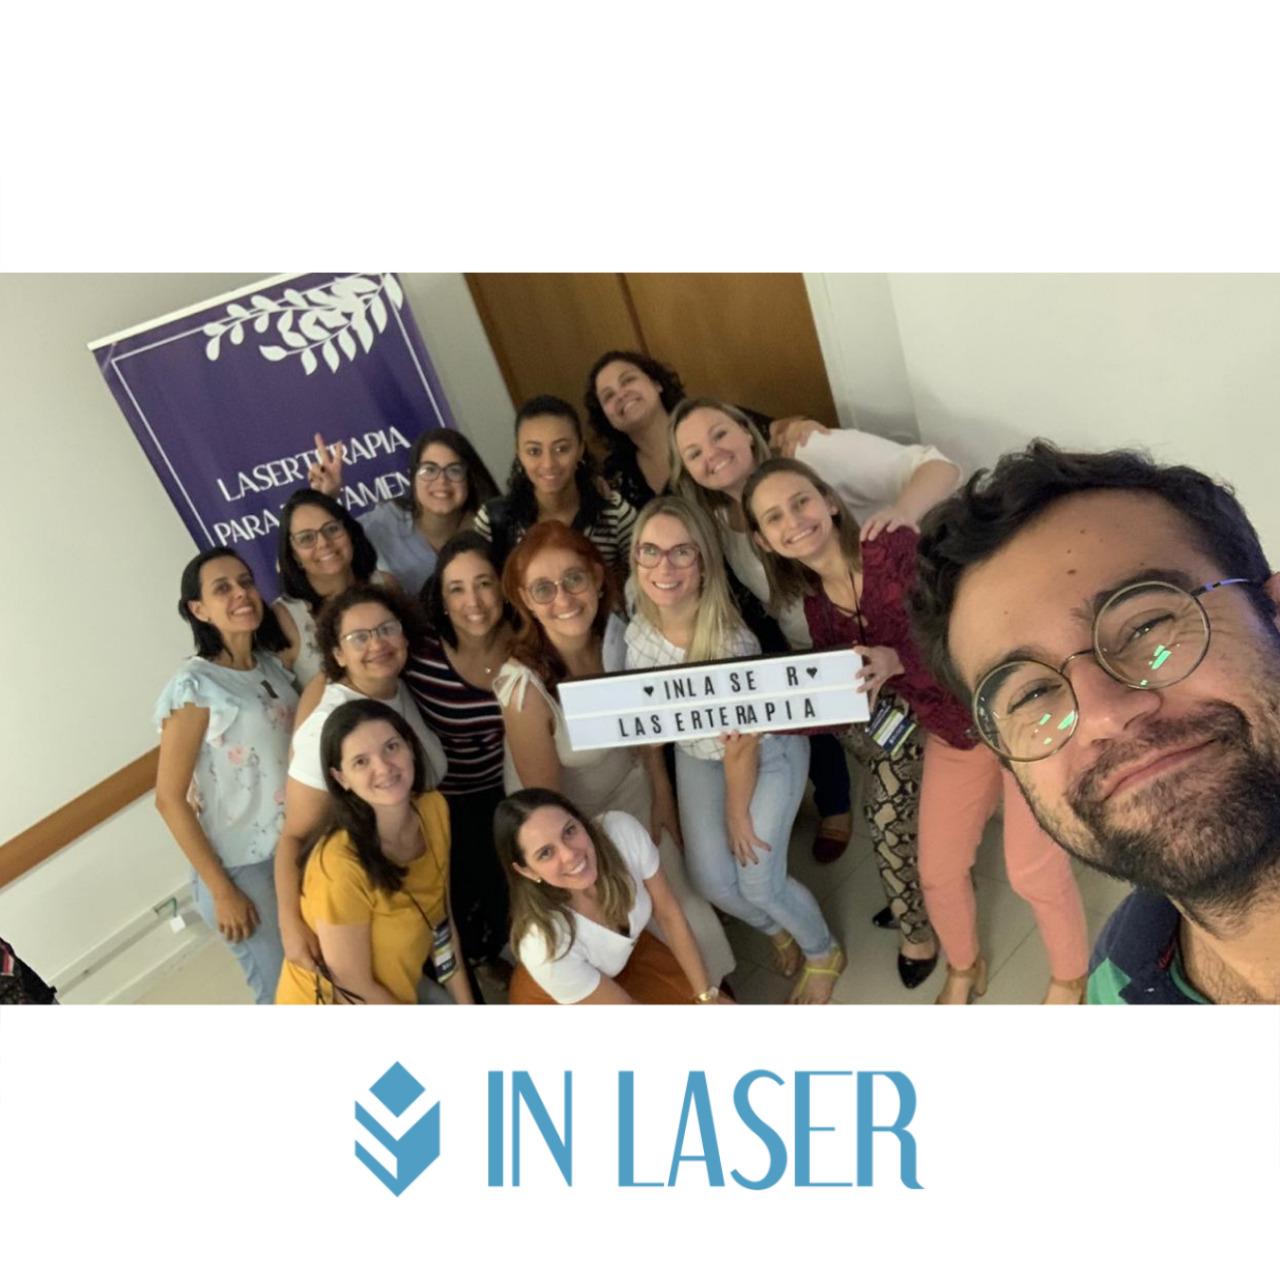 Laserterapia para Tratamento de Feridas   Brasília- DF   Novembro de 2019